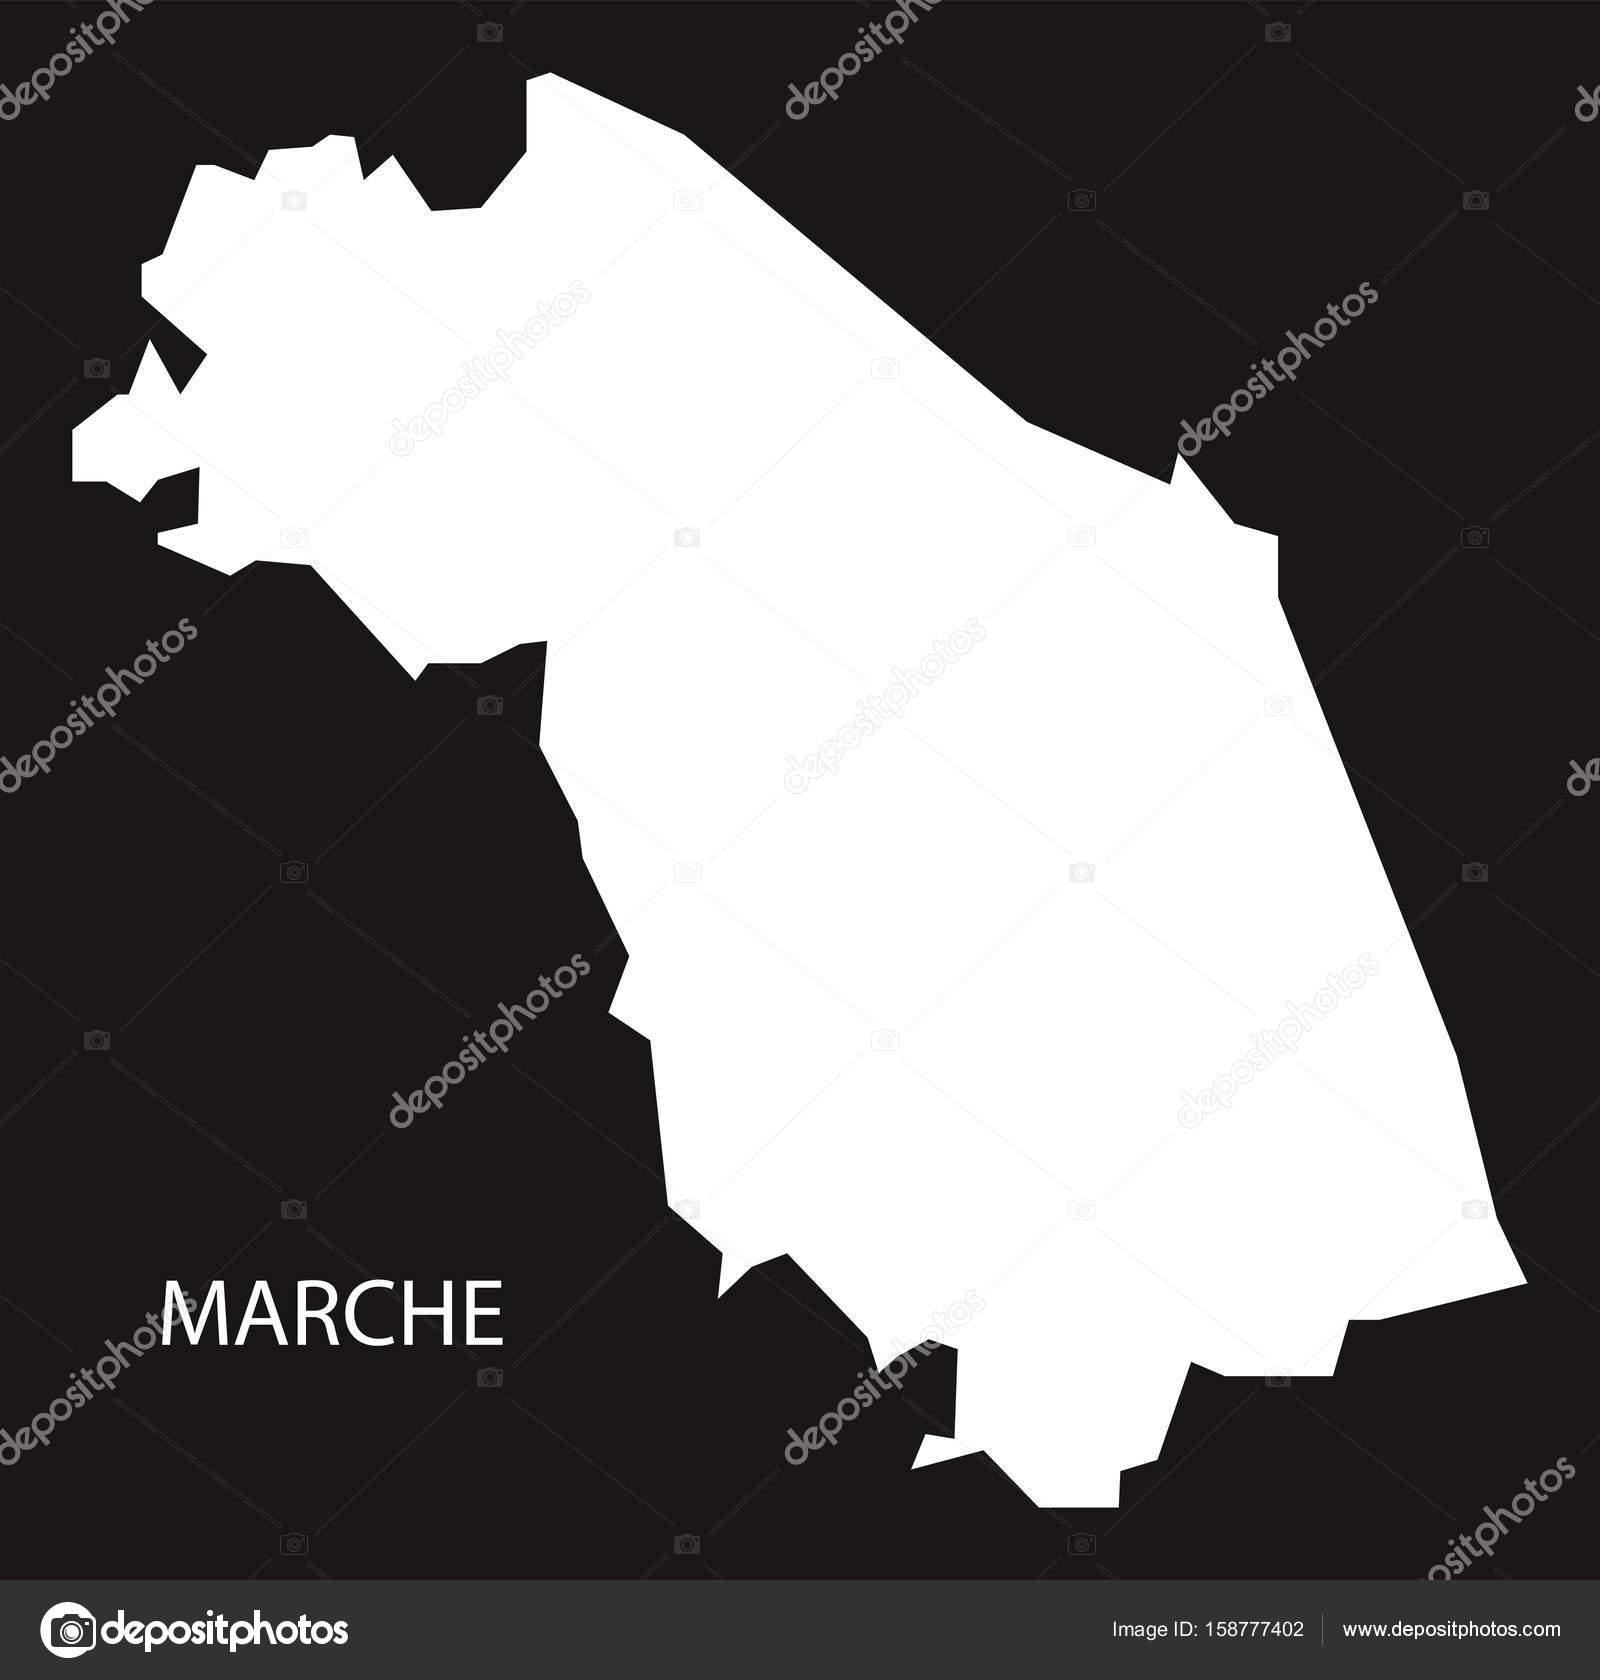 marche karta Marche Italien karta svart inverterad siluett — Stock Vektor  marche karta